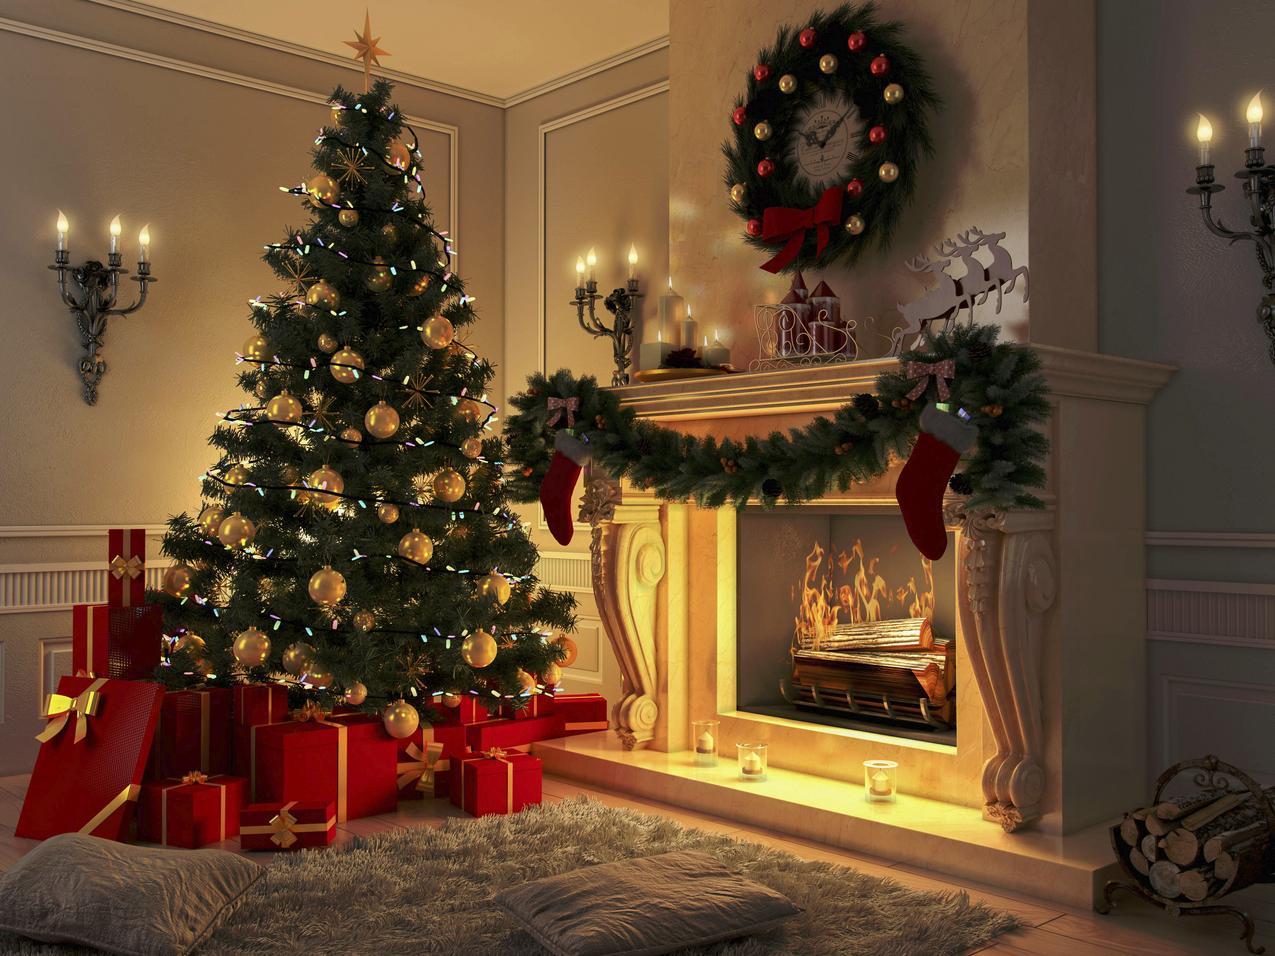 ผลการค้นหารูปภาพสำหรับ christmas